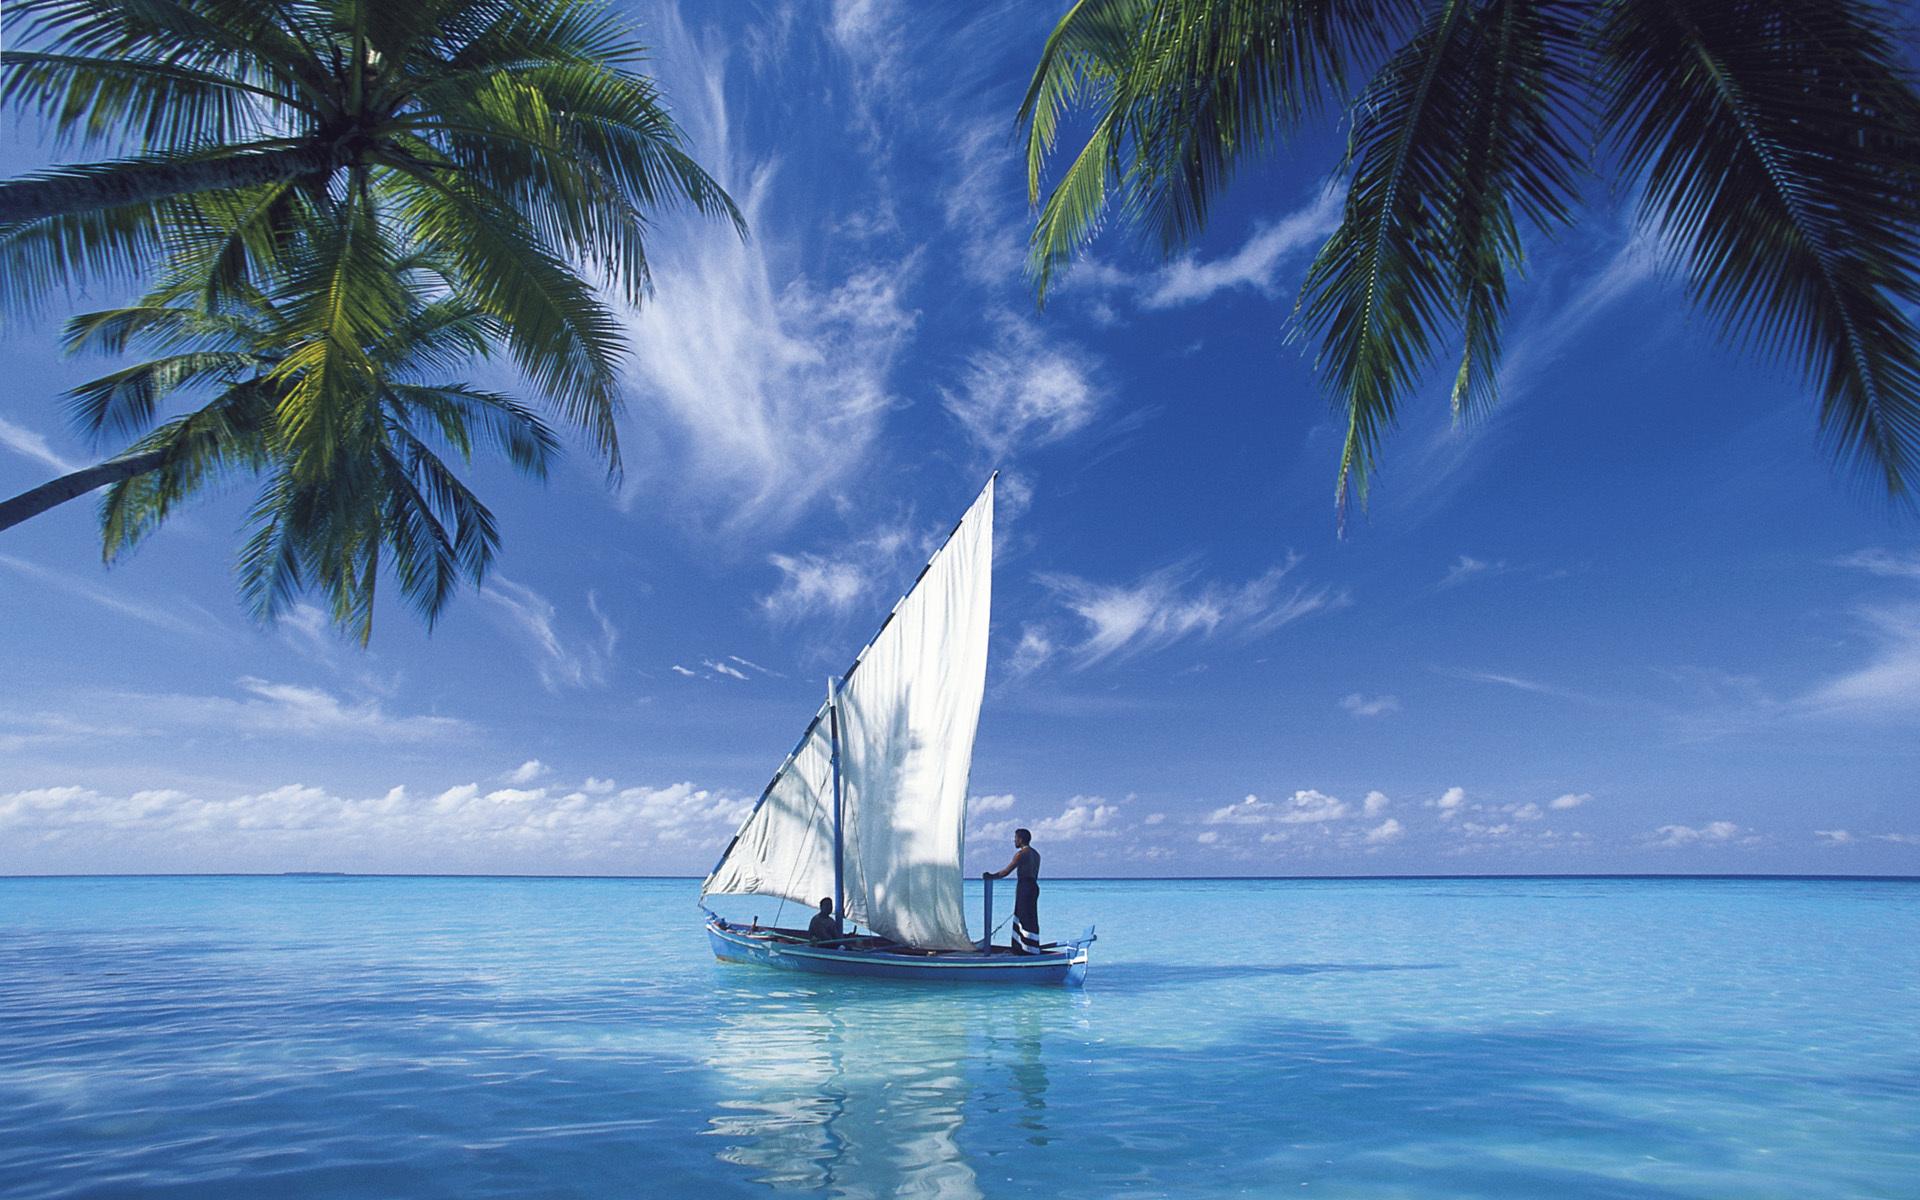 Смотреть фотообои на тему море